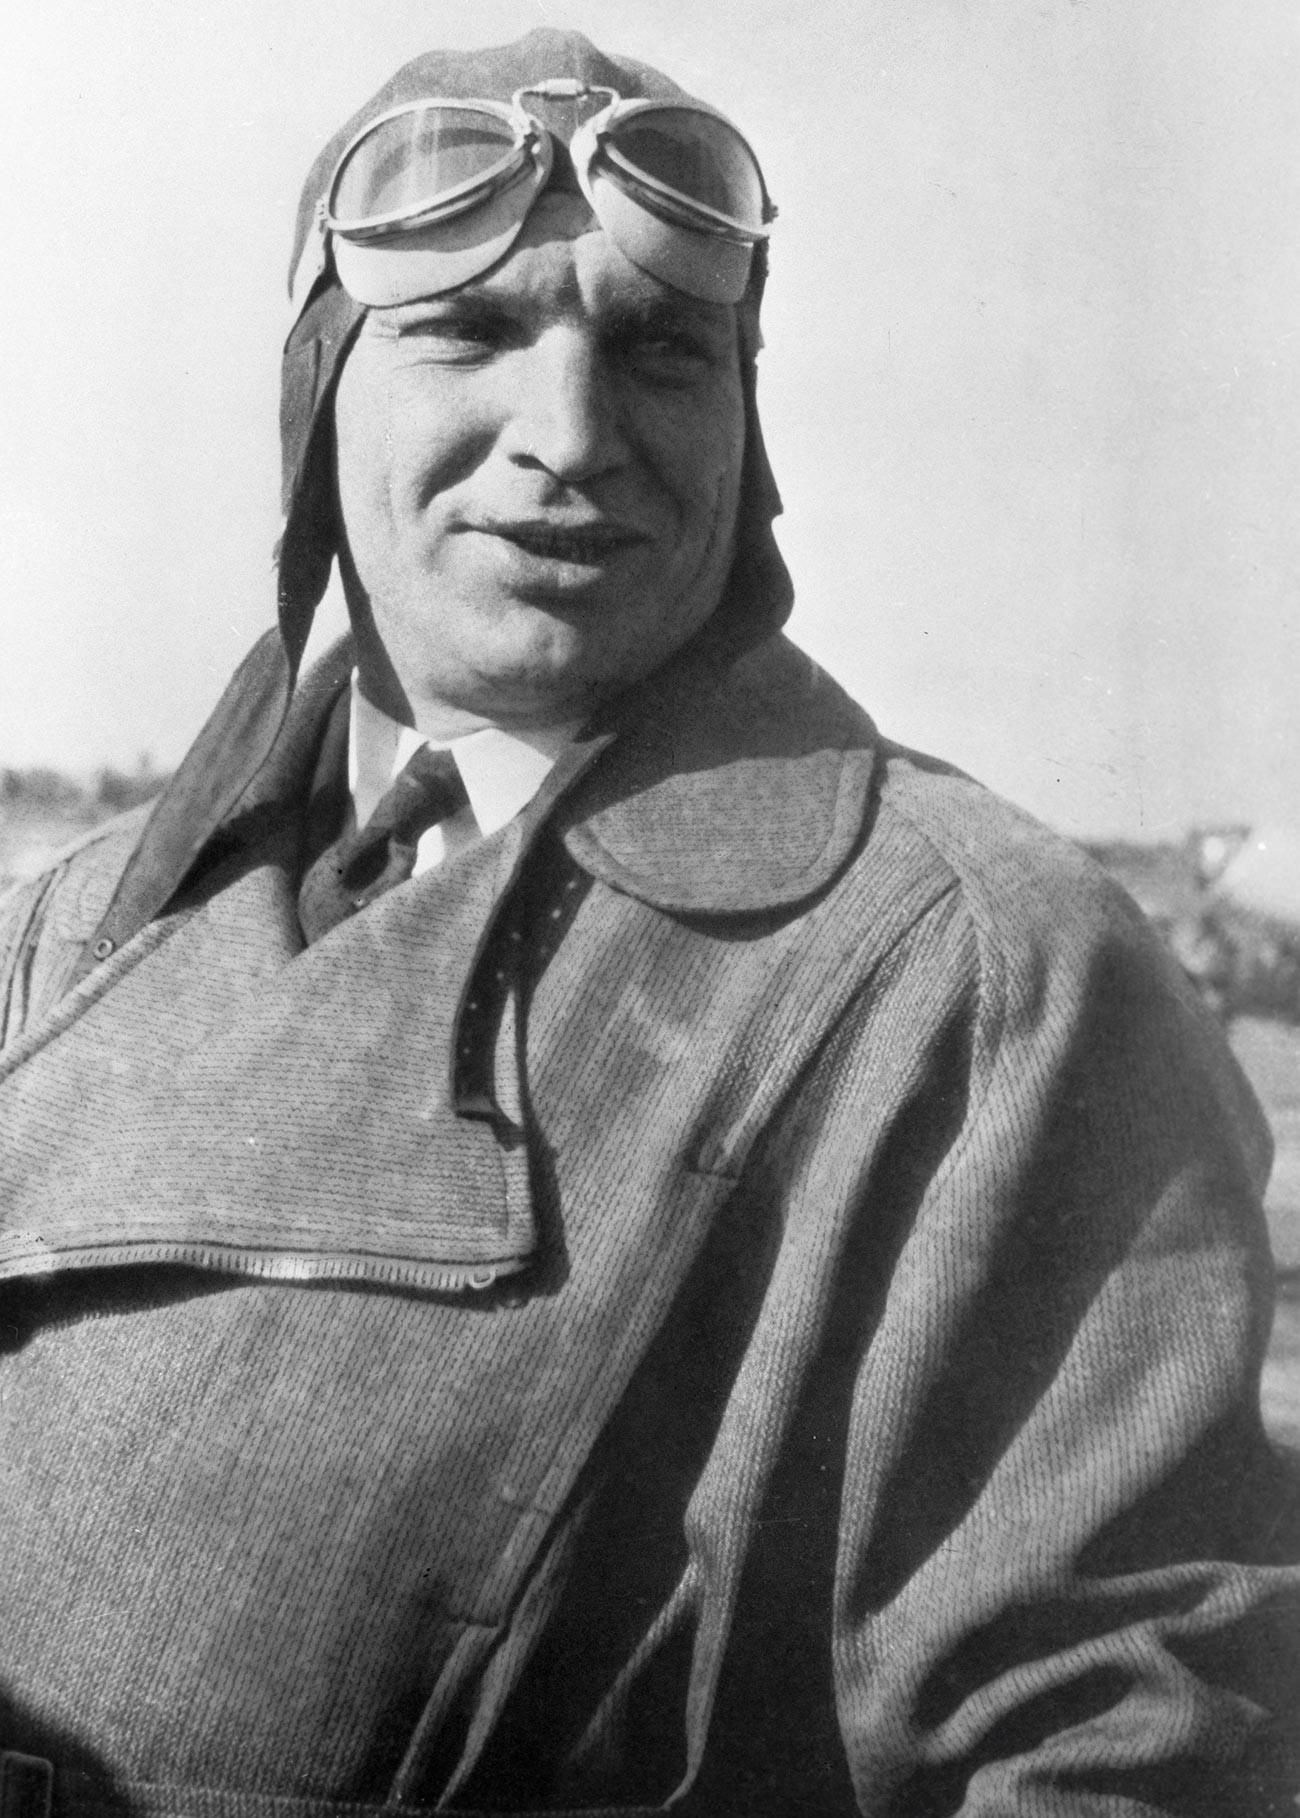 Testni pilot Valerij Čkalov (1904-1938), junak Sovjetske zveze, je umrl 15. decembra 1938 med testiranjem prototipa novega lovca I-180.